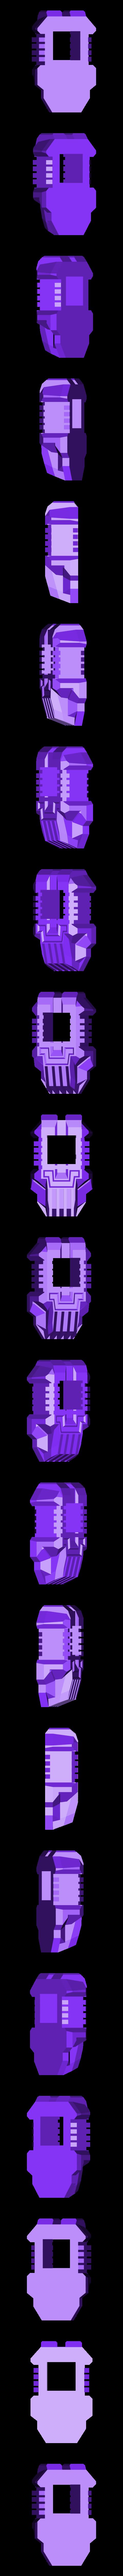 def_foot_faza_01.stl Télécharger fichier STL gratuit Transformers COMBINER WARS Defensor Foot • Modèle pour impression 3D, sickofyou